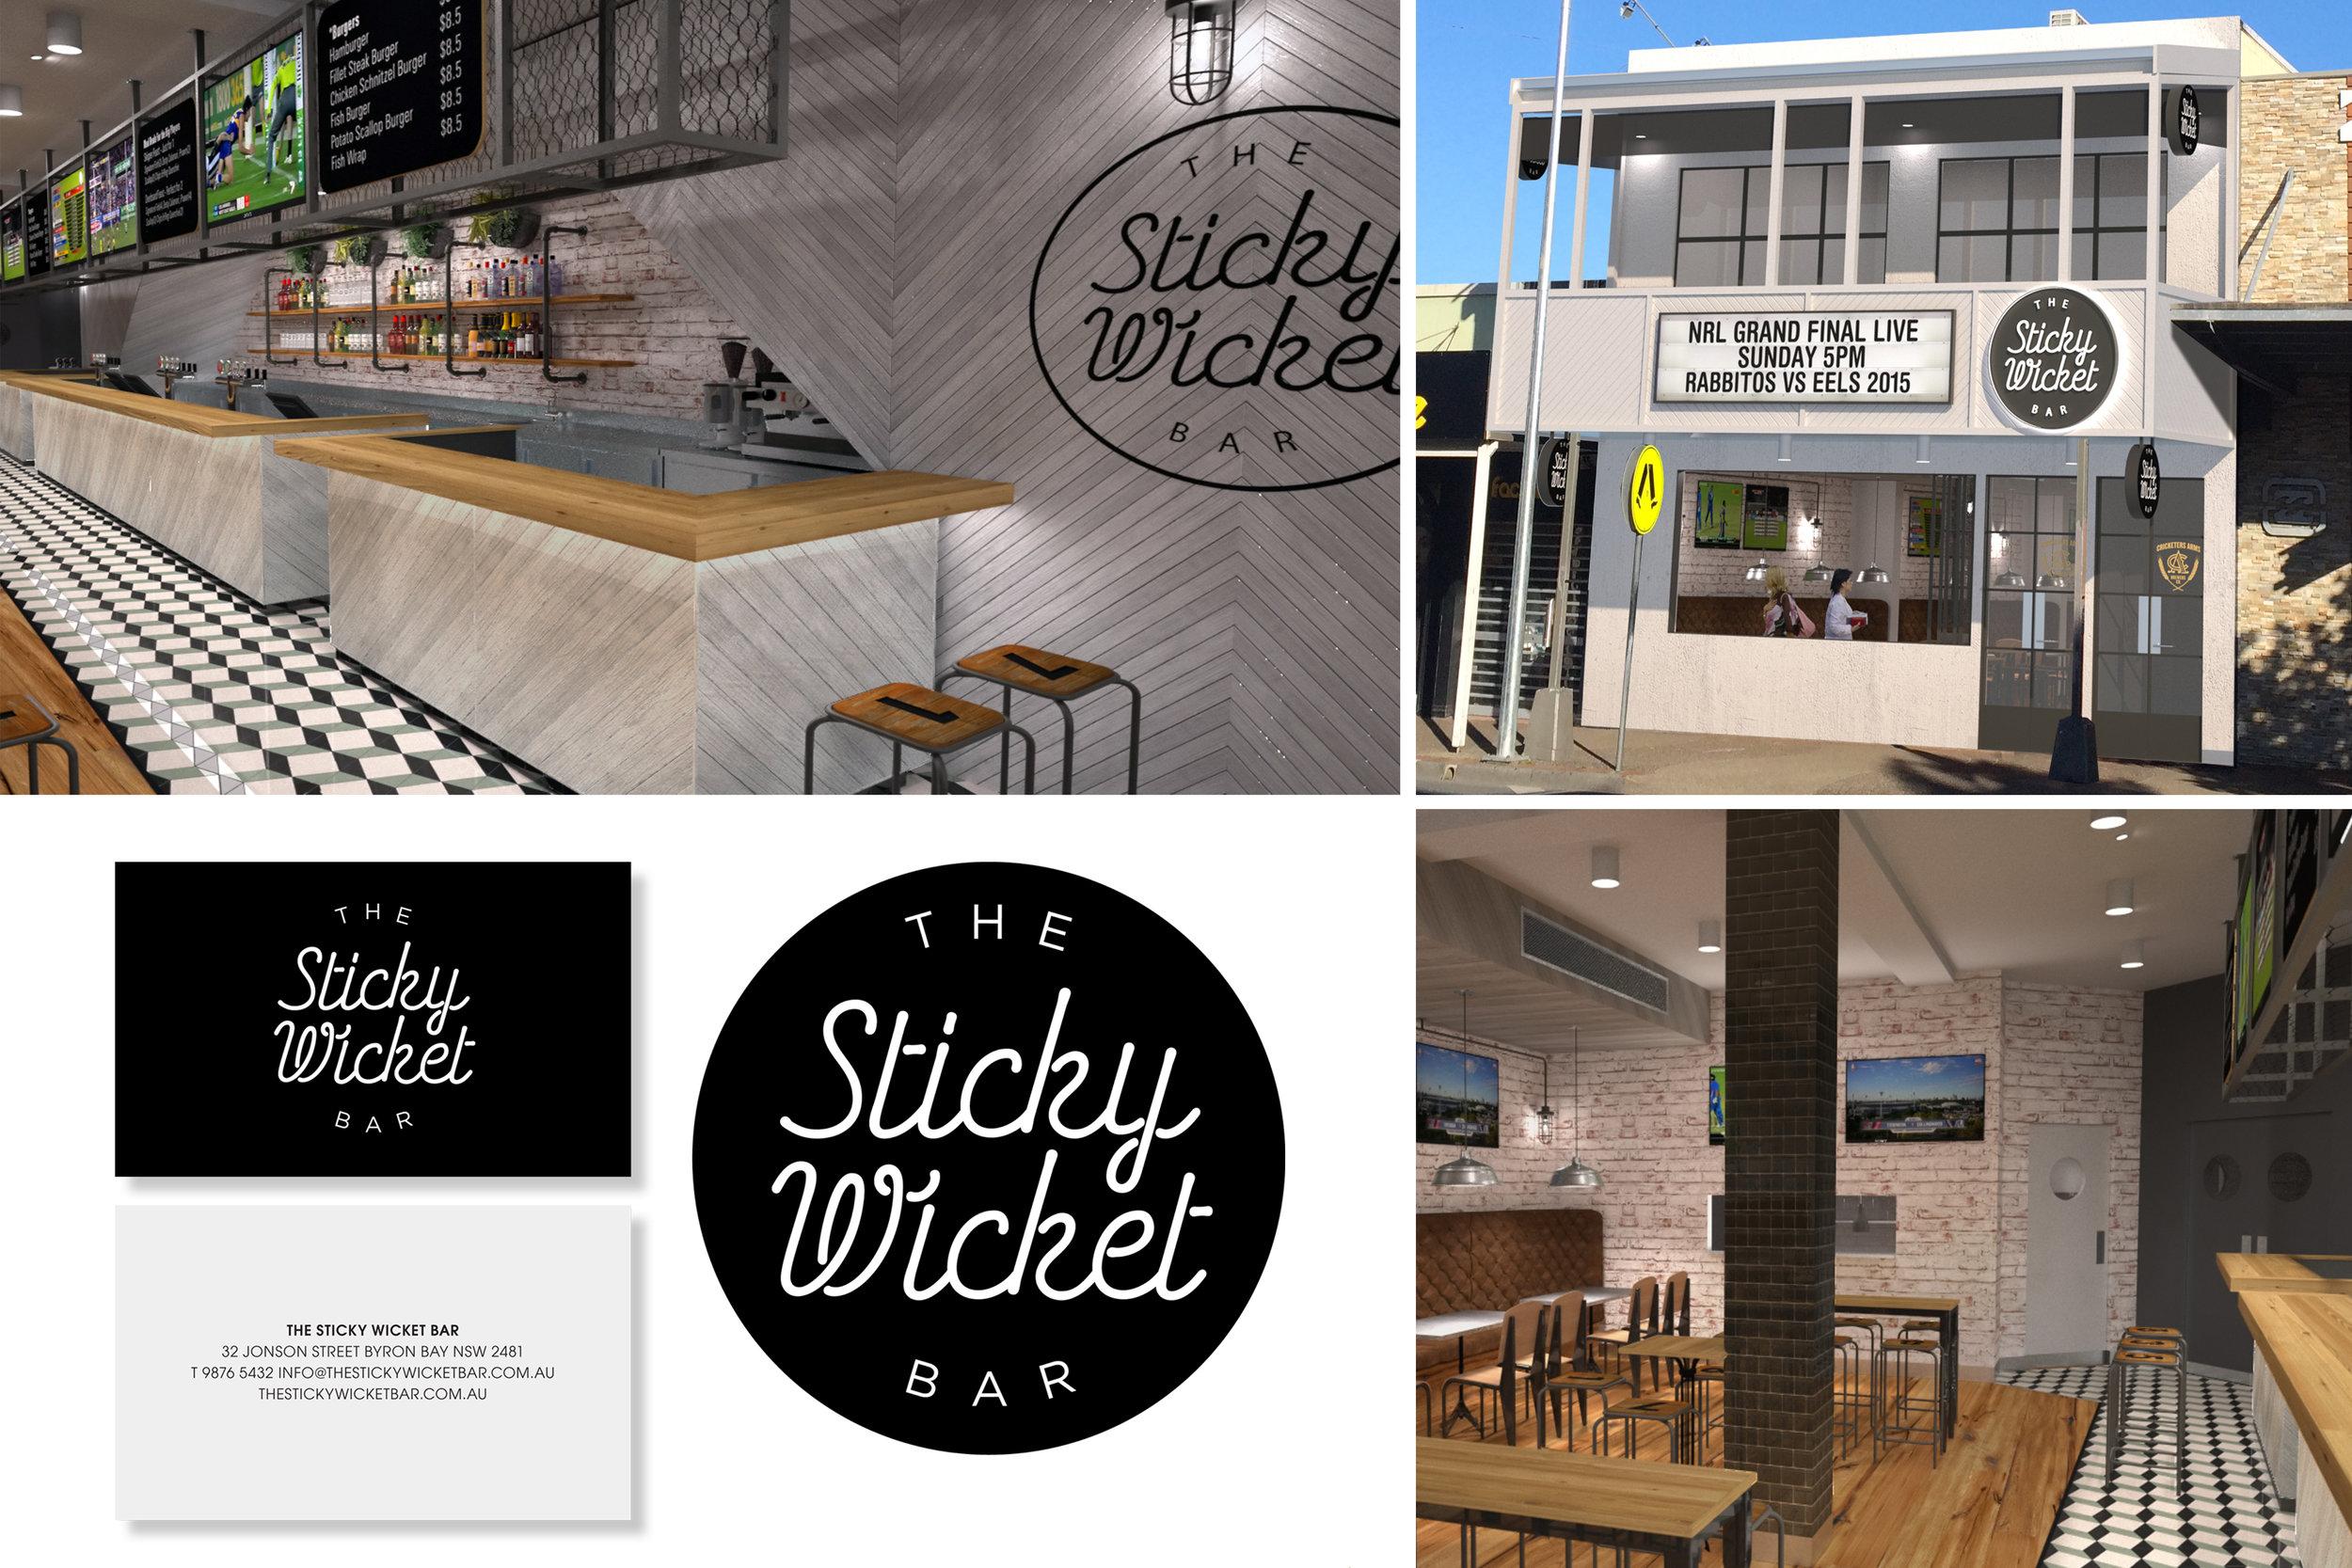 5.b Sticky Wicket.jpg